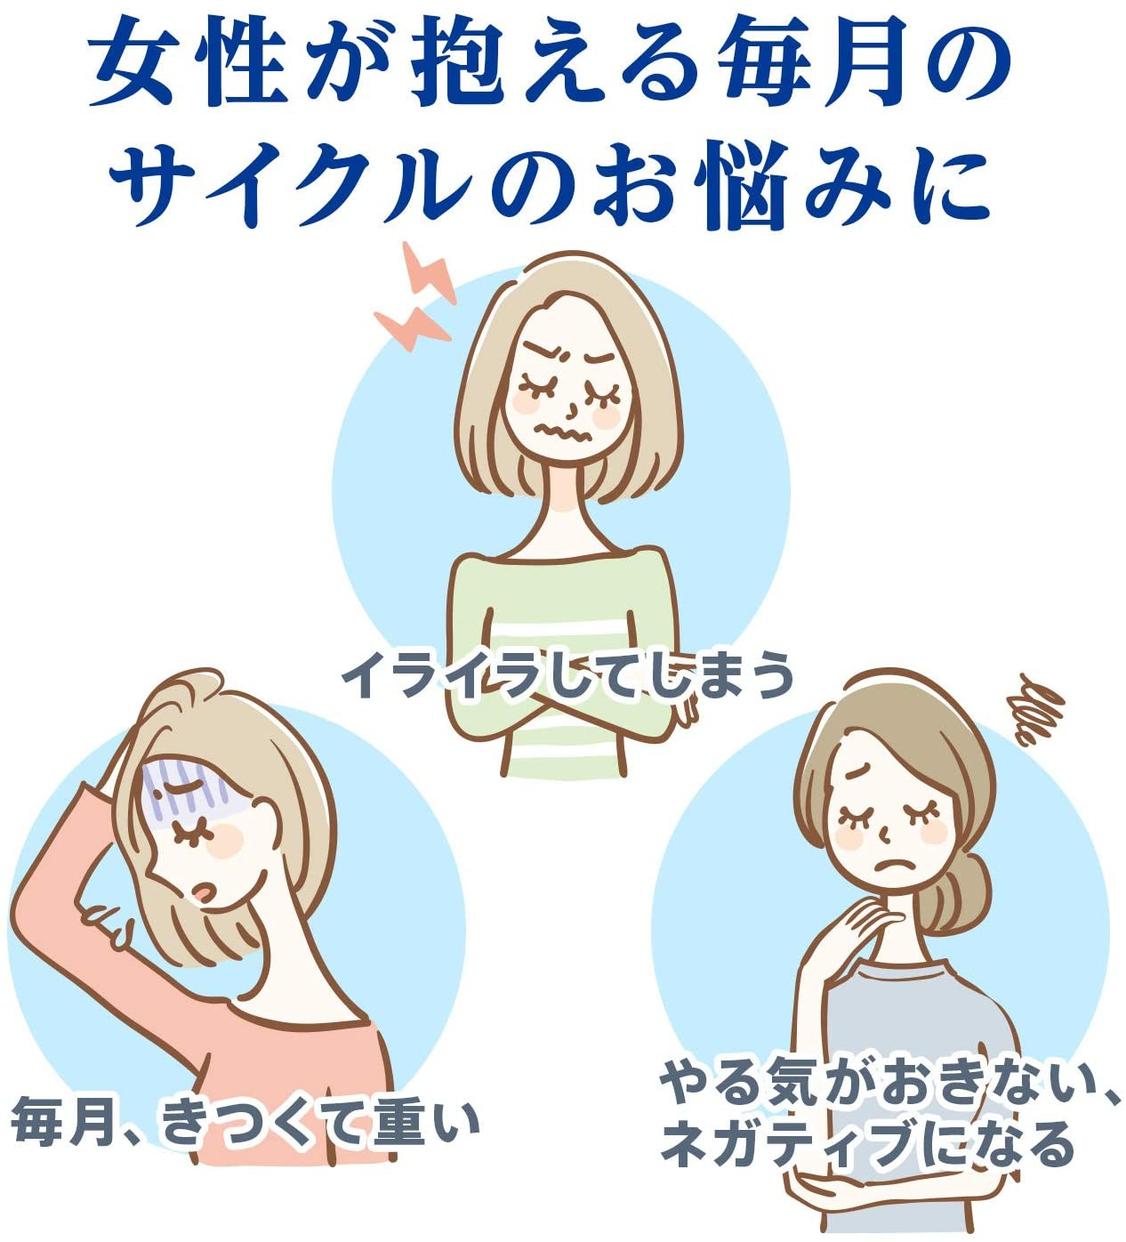 佐藤製薬(sato) サトウチェストツリーの商品画像3